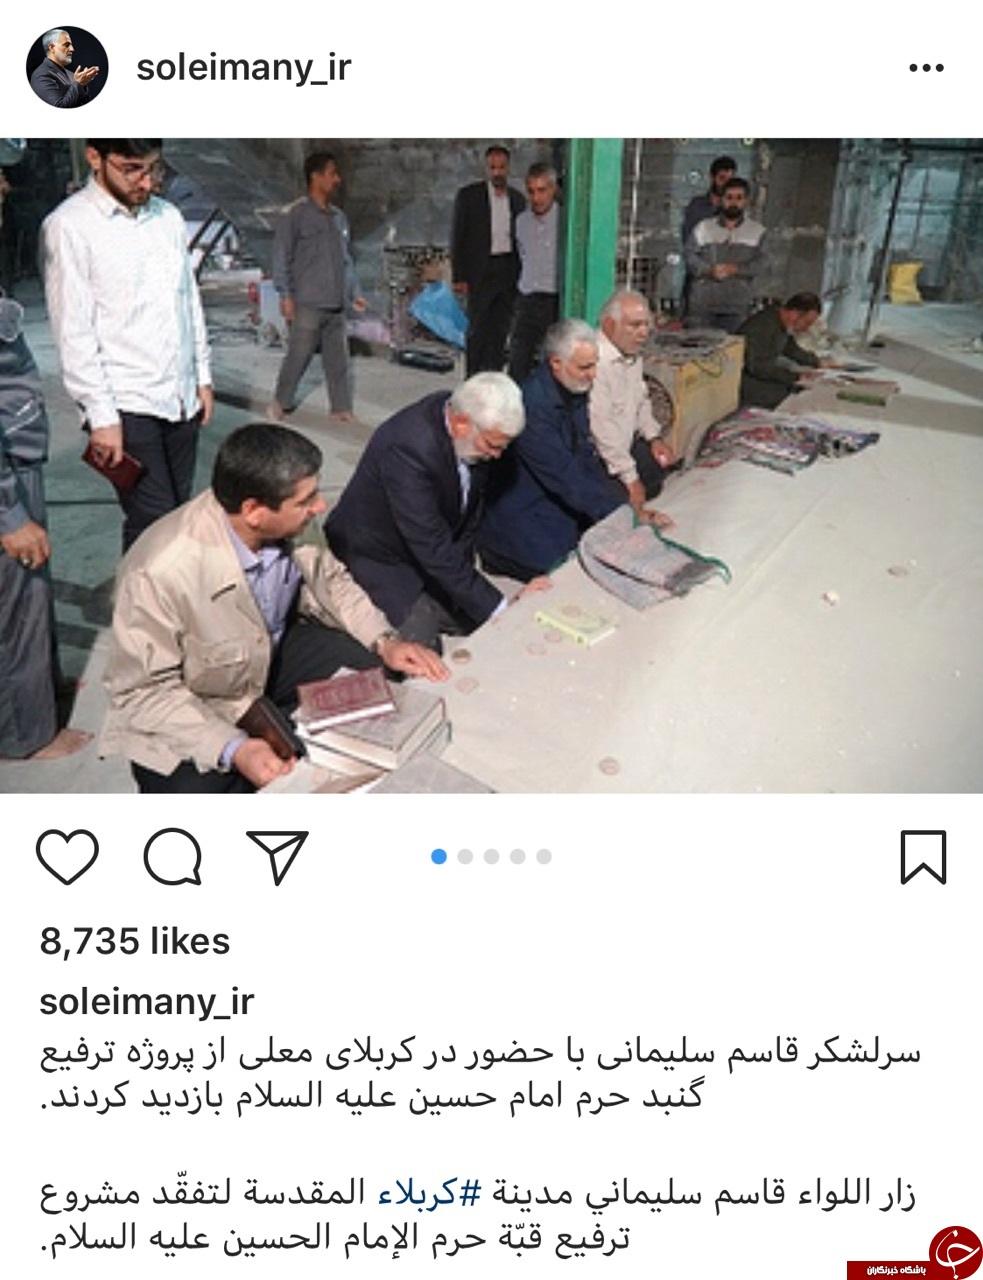 بازدید سردار سلیمانی از پروژه ترفیع گنبد حرم امام حسین (ع) +عکس